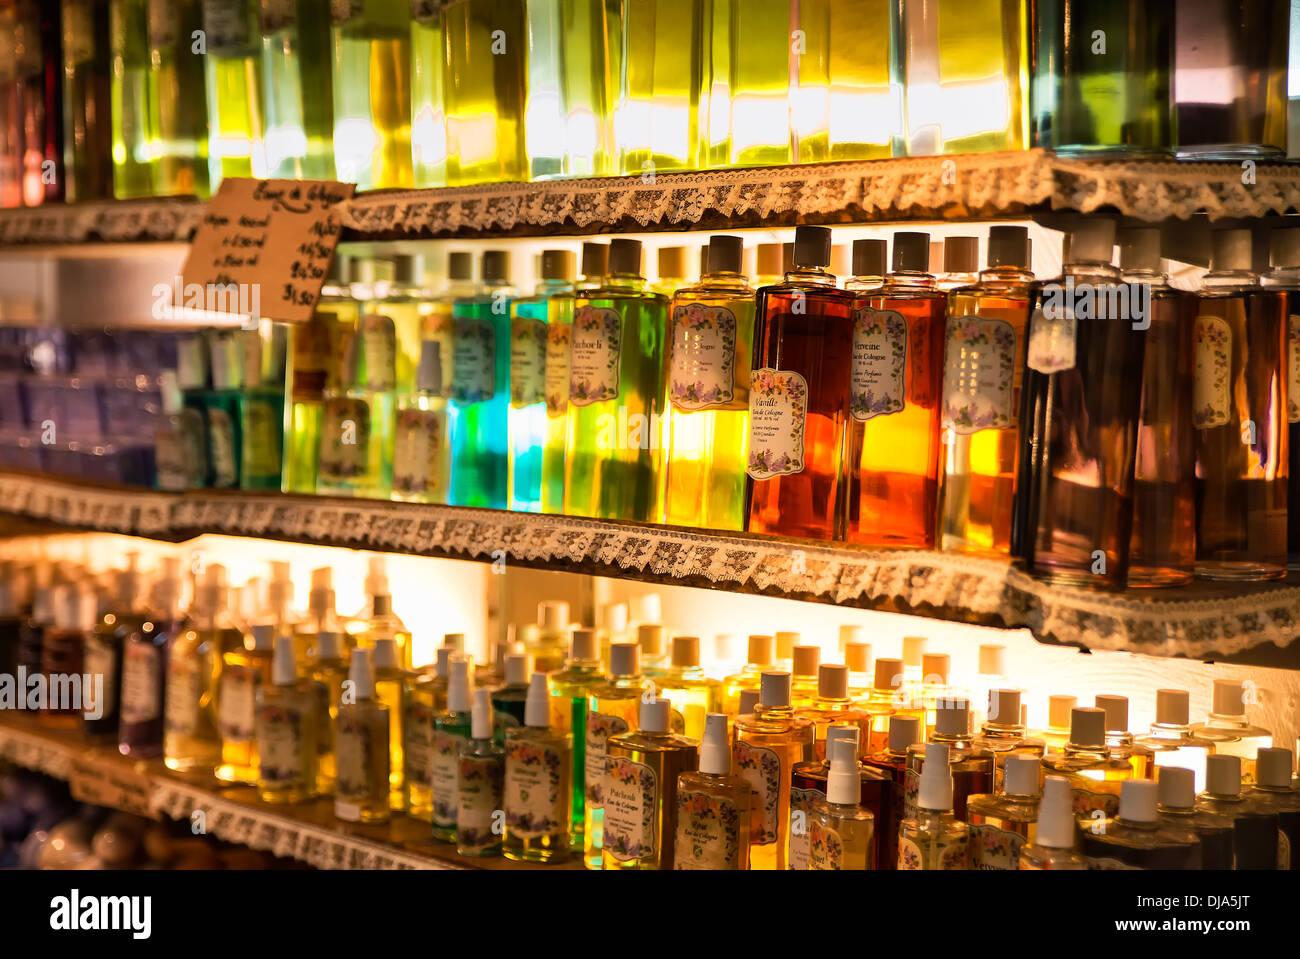 Zusammengesetzte Duft in einer Parfümerie Shop, Gordon, Provence, Frankreich Stockbild